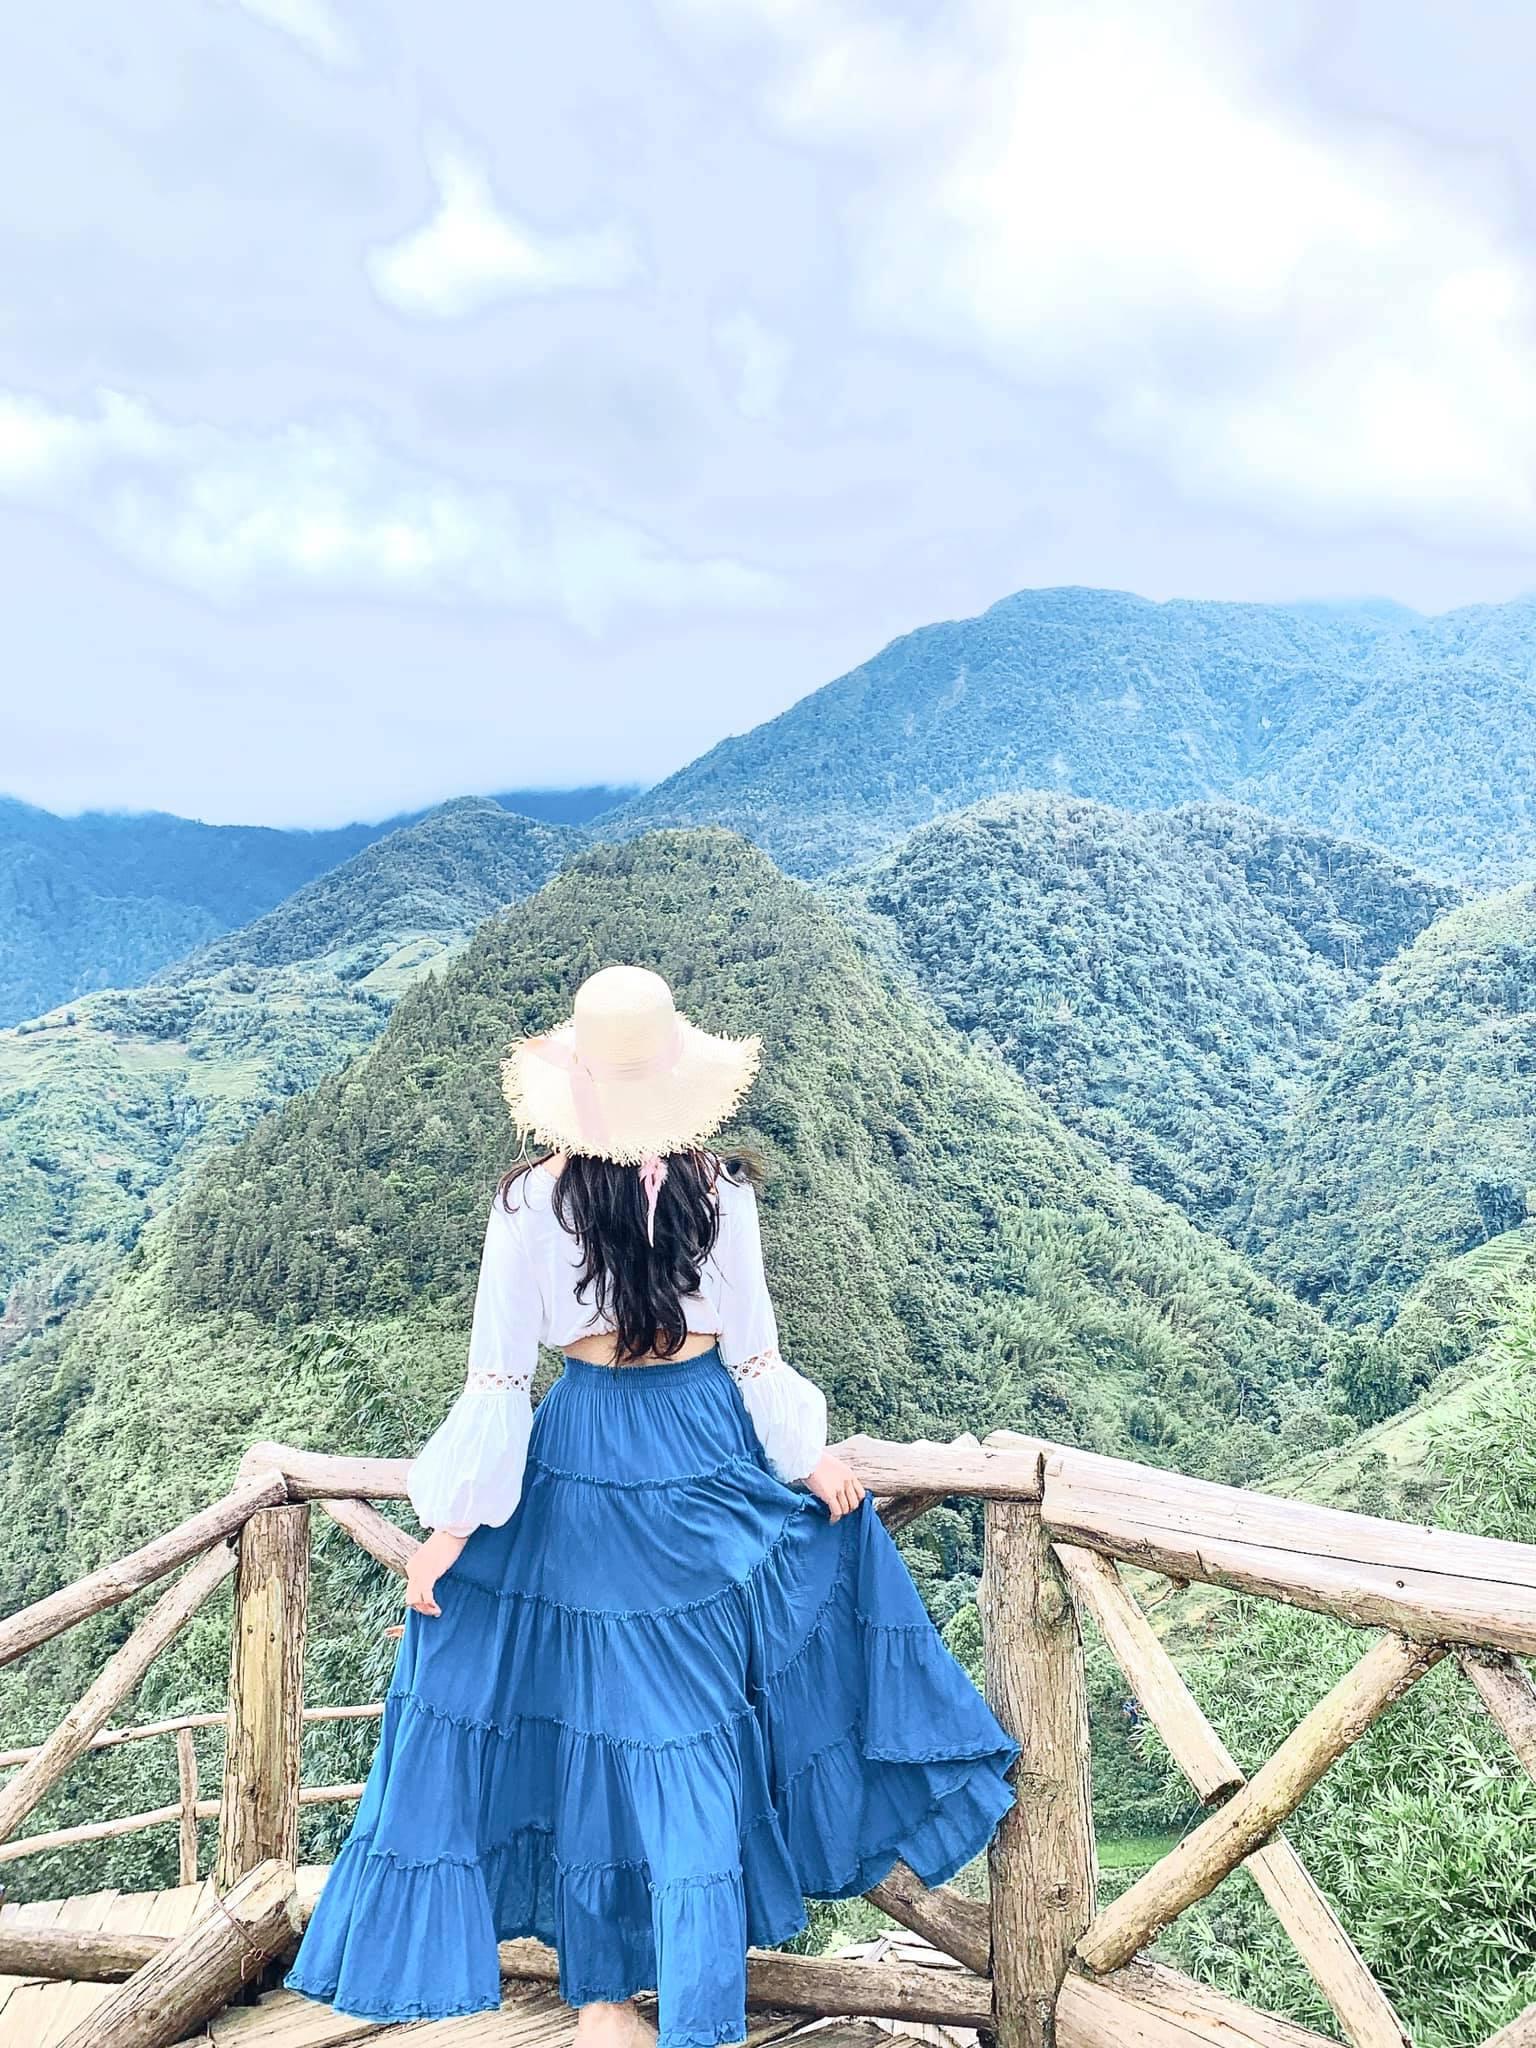 Tour du lịch Sapa từ Quảng Ninh: Rộn rã ngày hè với những gói tour cực ưu đãi  - Ảnh 7.